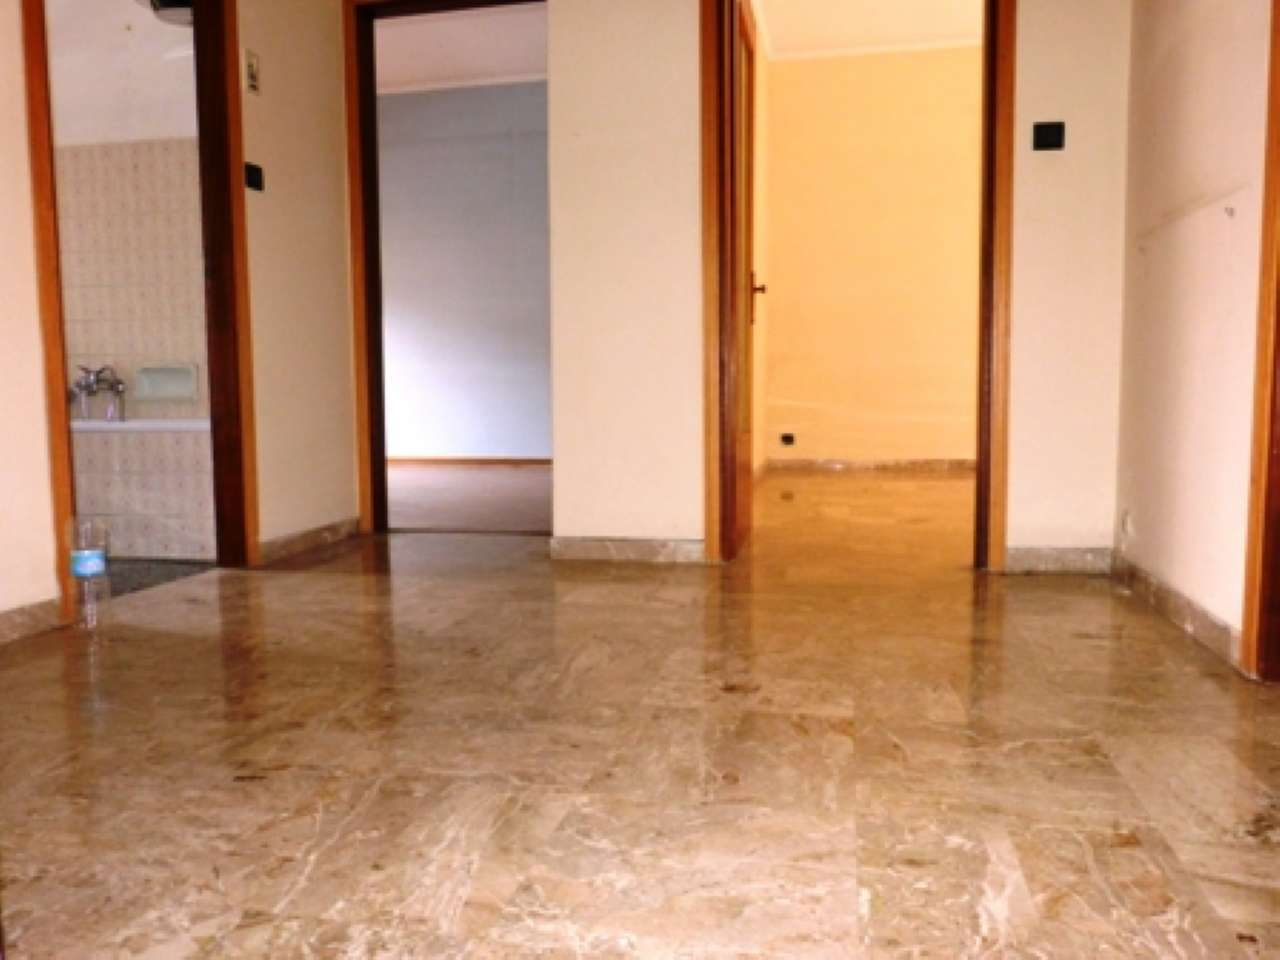 Appartamento in vendita a Fossano, 3 locali, prezzo € 105.000 | CambioCasa.it